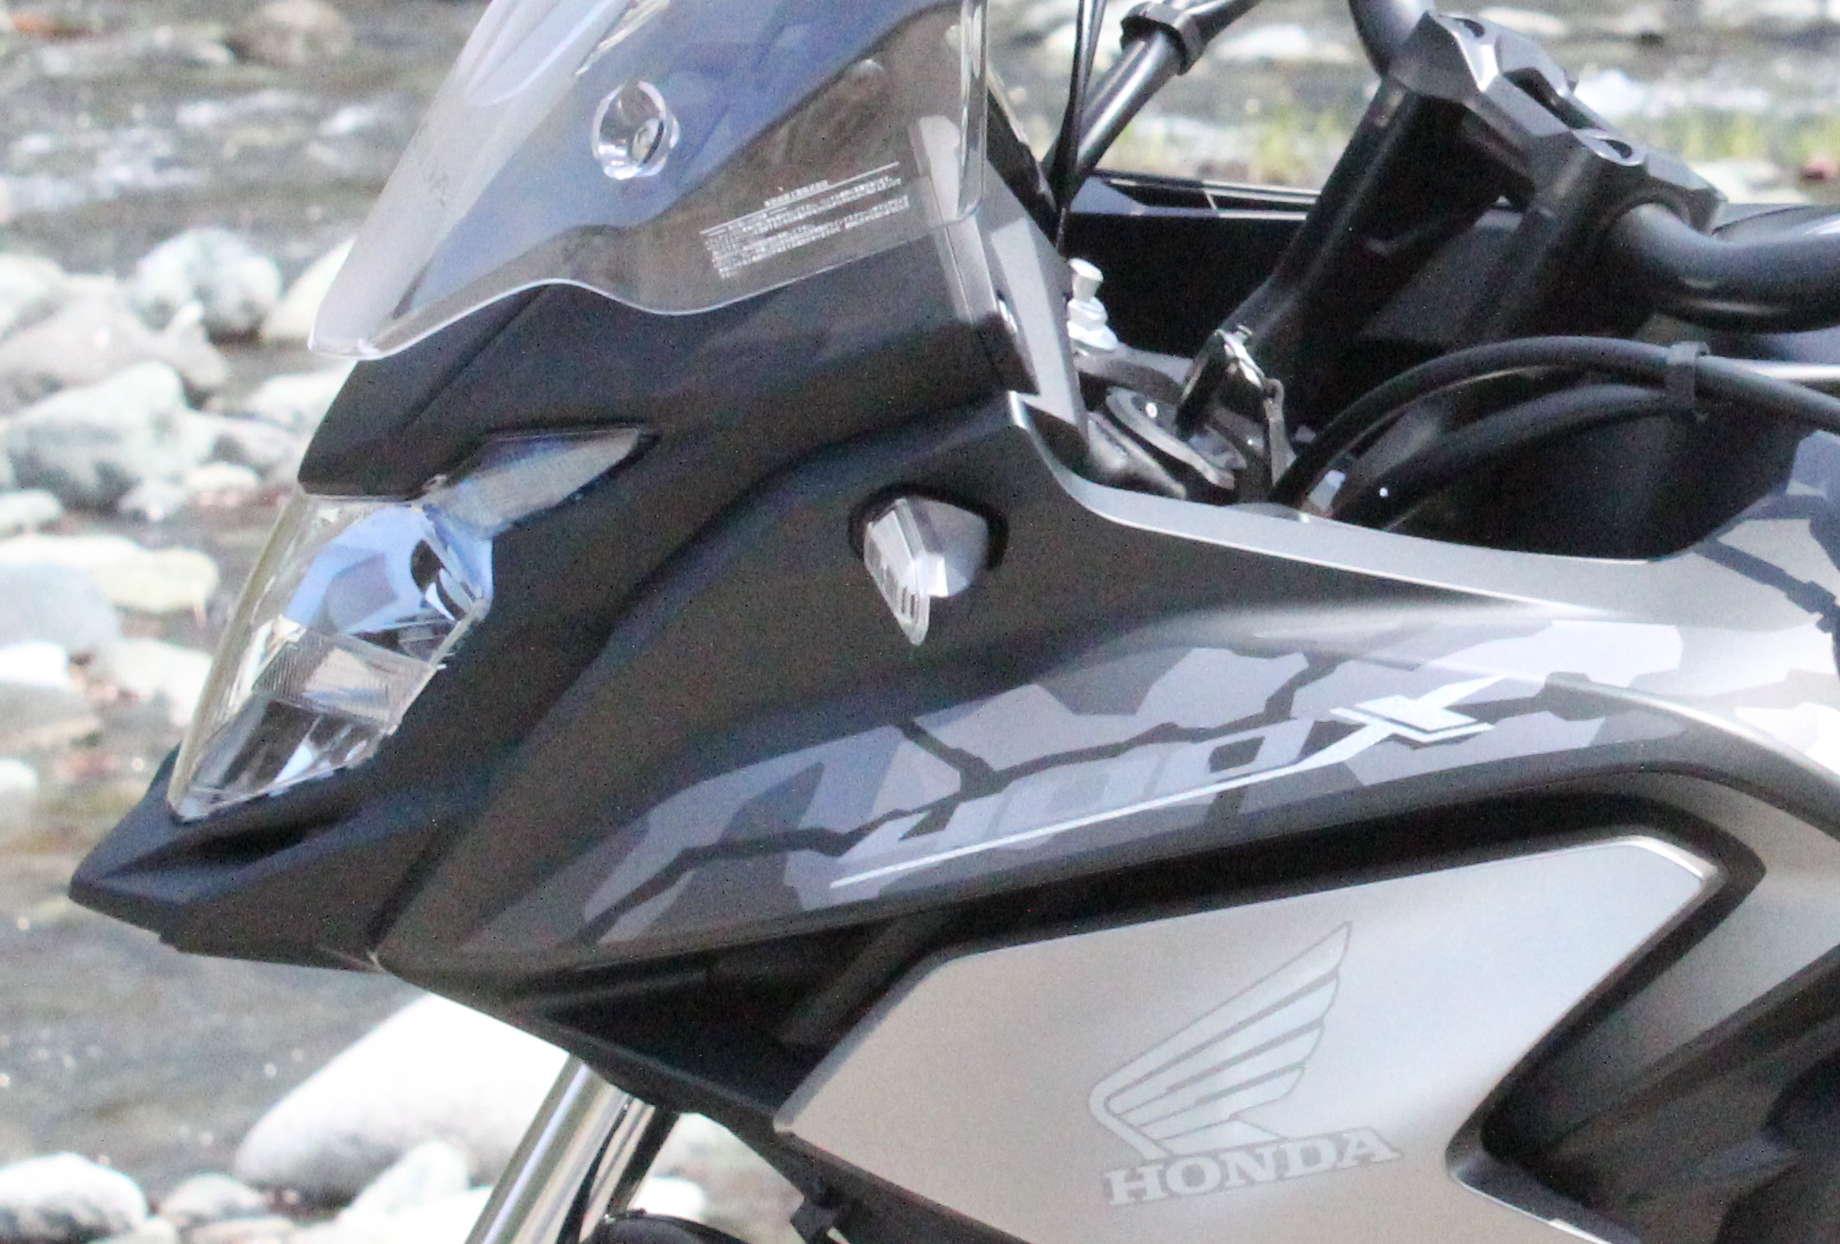 【試乗レポート】Honda 400X ゆったりと風景を愉しむアドベンチャー